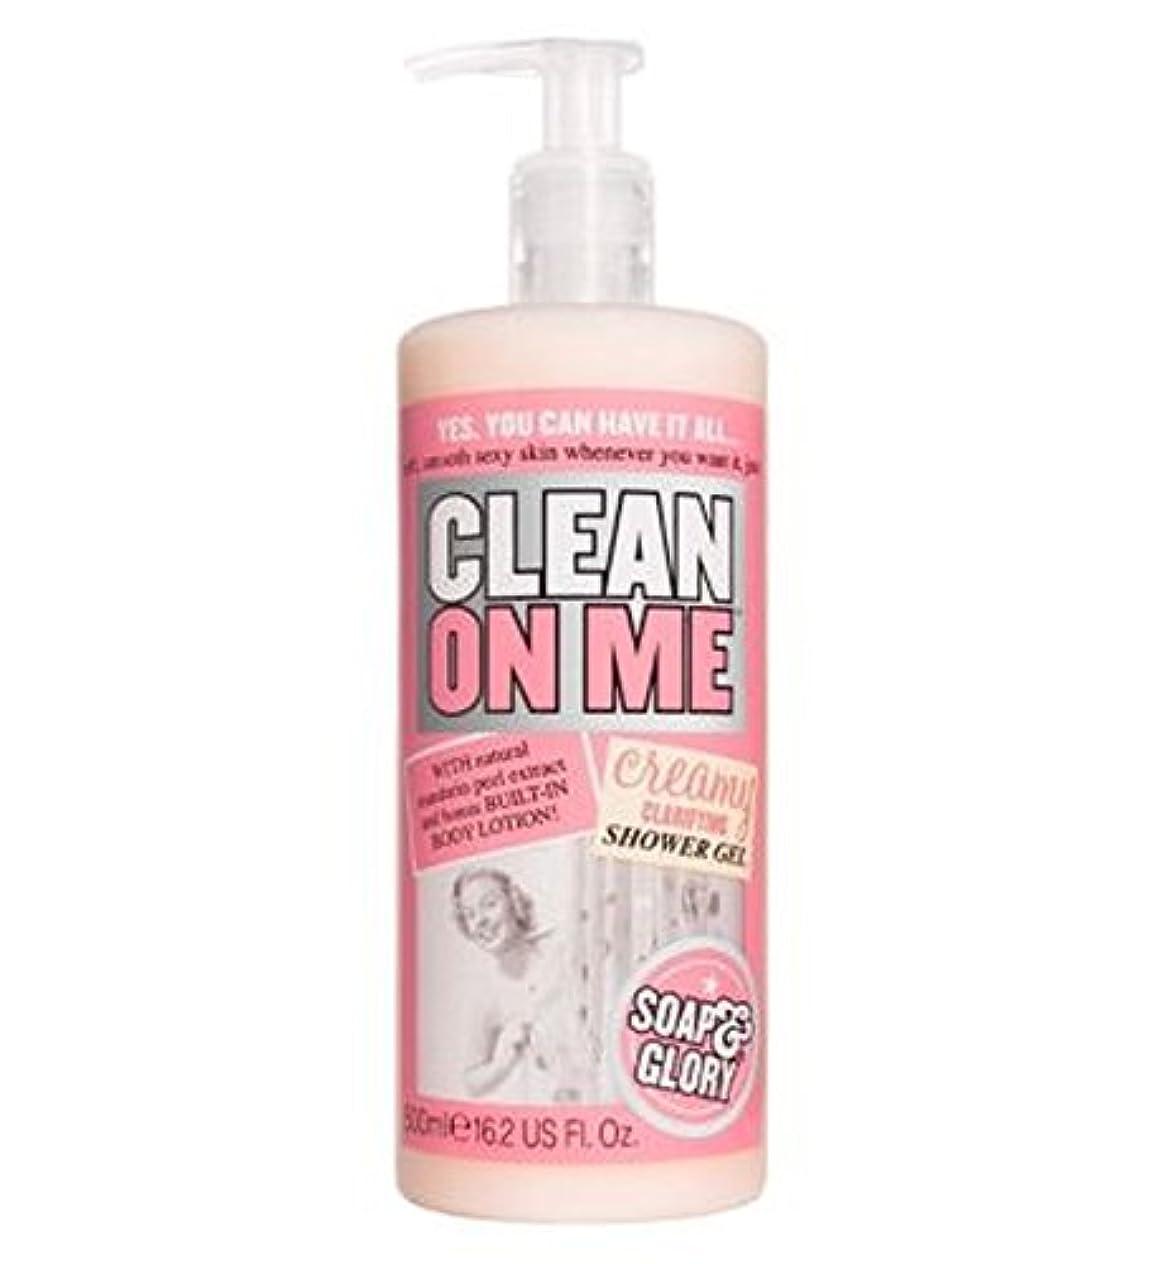 うんざり郵便調整可能Soap & Glory Clean On Me Creamy Clarifying Shower Gel 500ml - 私にきれいな石鹸&栄光はシャワージェル500ミリリットルを明確にクリーミー (Soap & Glory) [並行輸入品]